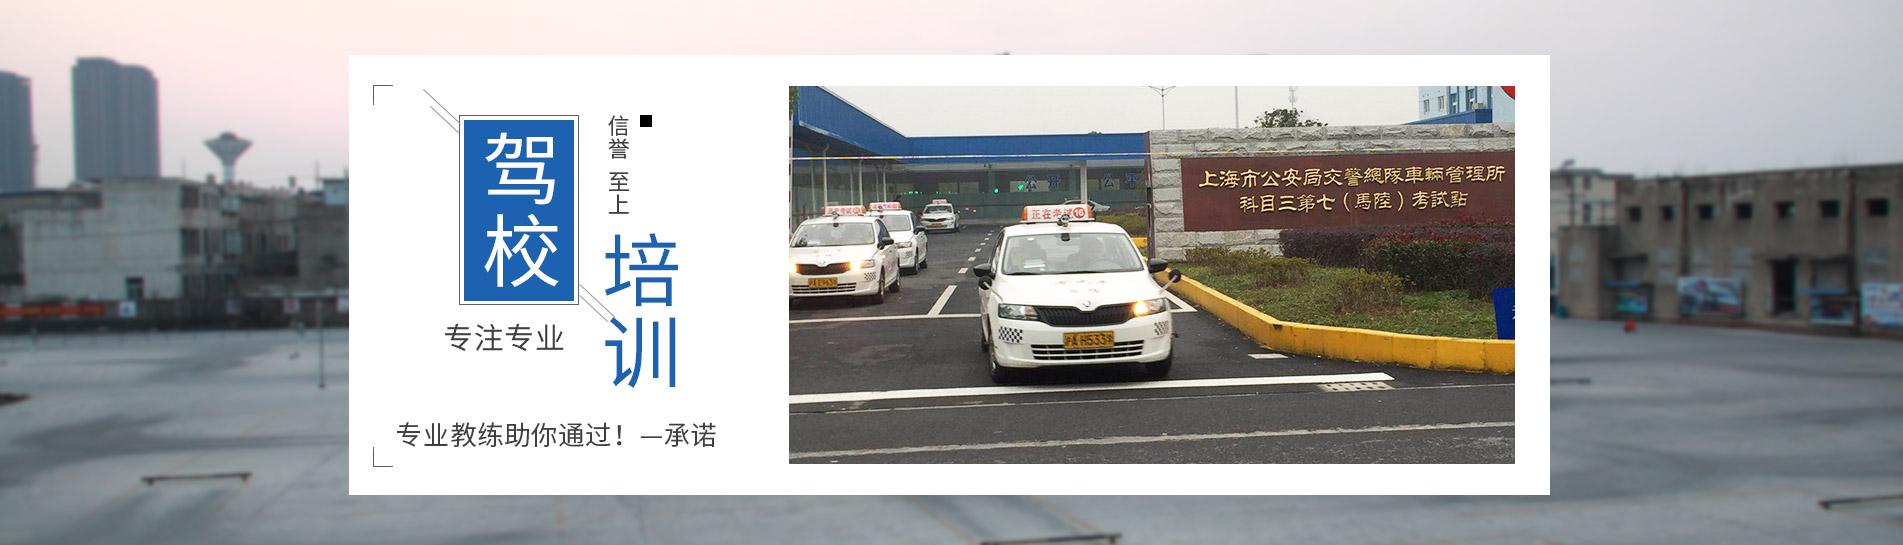 上海学车多少钱